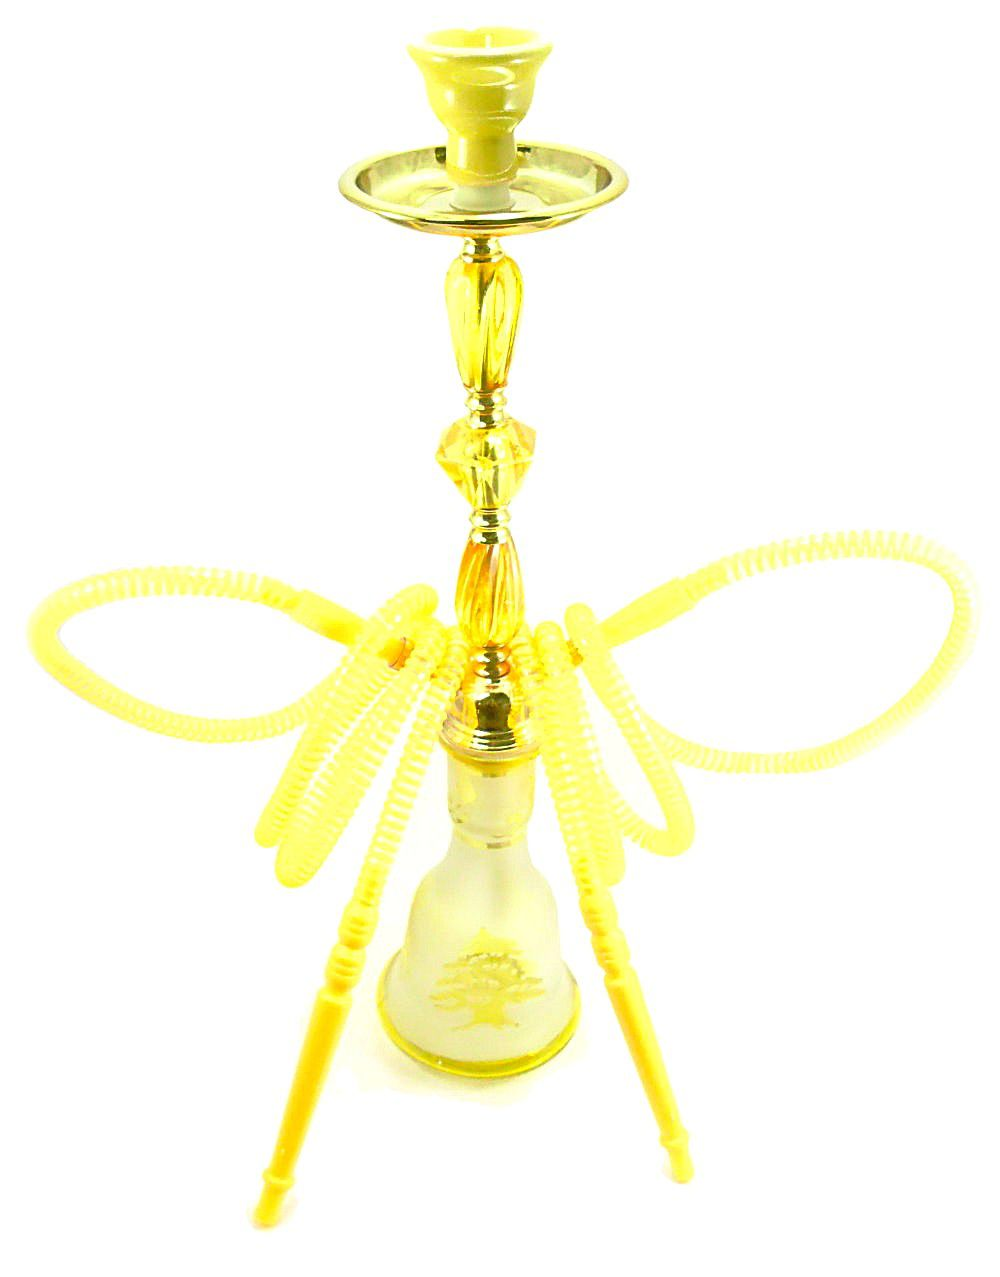 Narguile Md Hookah Grande 55cm. DUAS mangueiras, vidro AMARELO jateado, corpo tom dourado. AB58LAV013